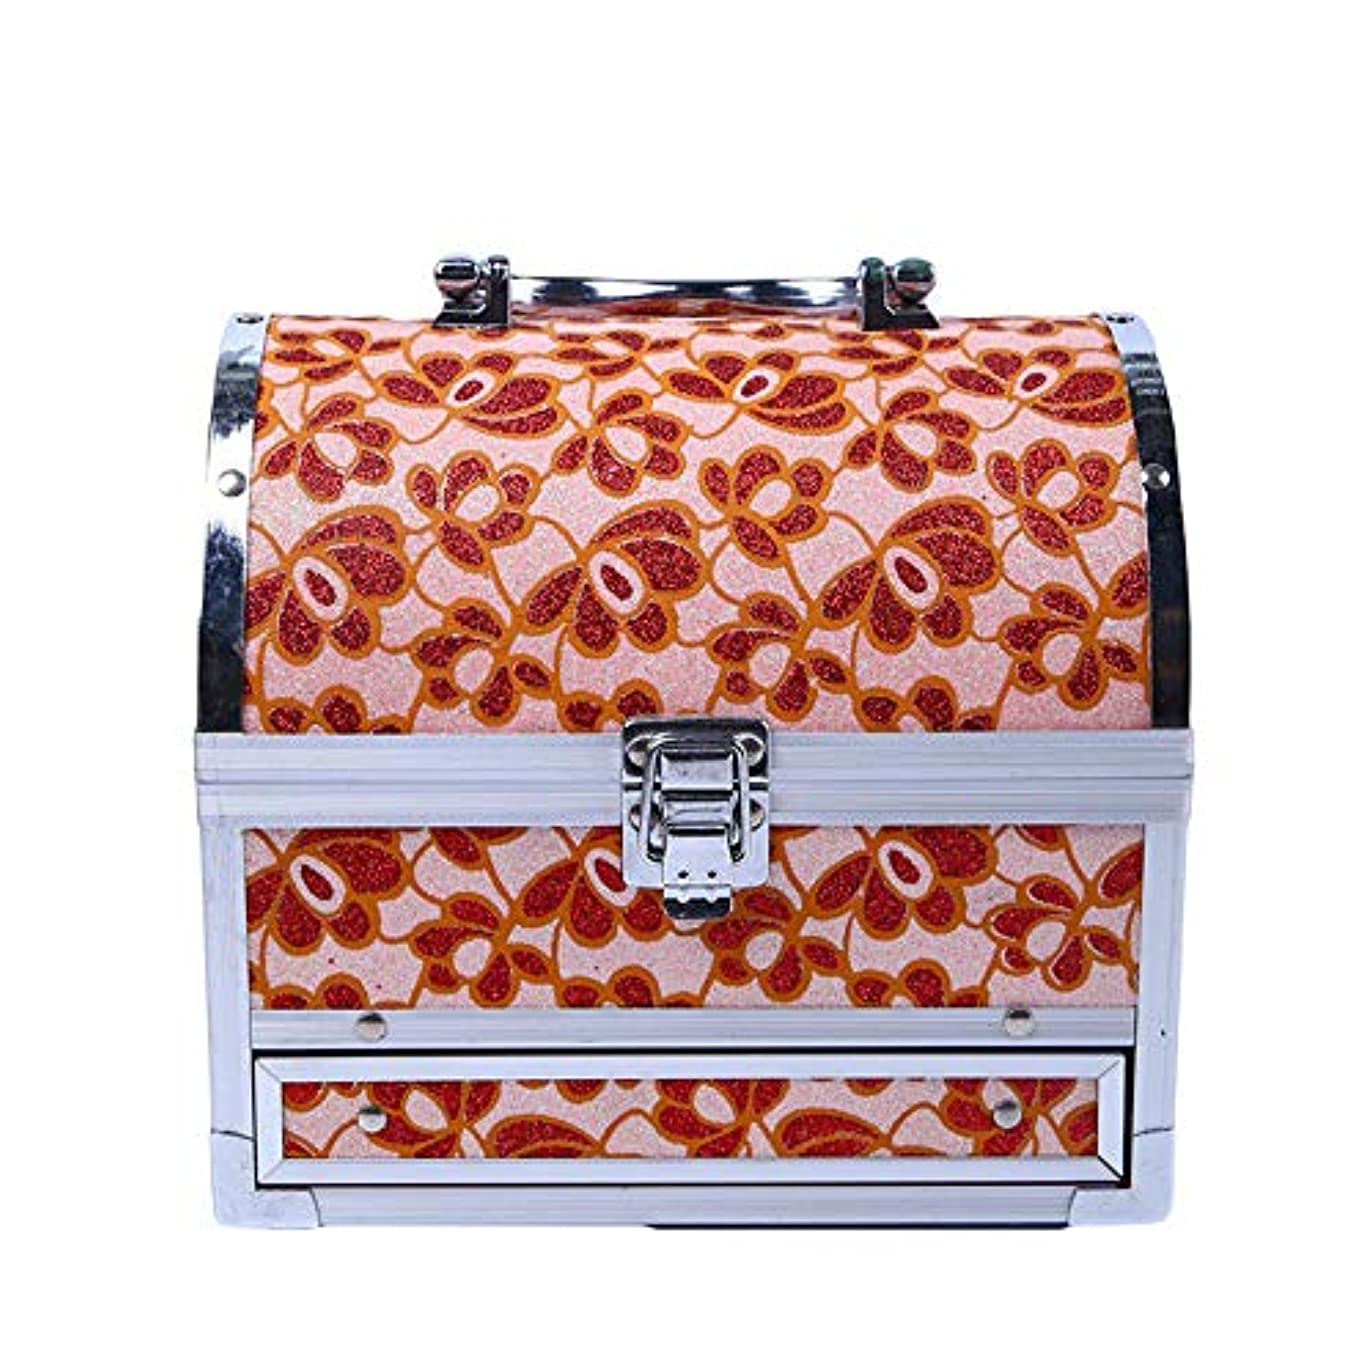 親指放射性役員化粧オーガナイザーバッグ 美容メイクアップのための大容量ポータブル化粧ケース、女性化粧ミラー付きのロック付き女性旅行と毎日の保管 化粧品ケース